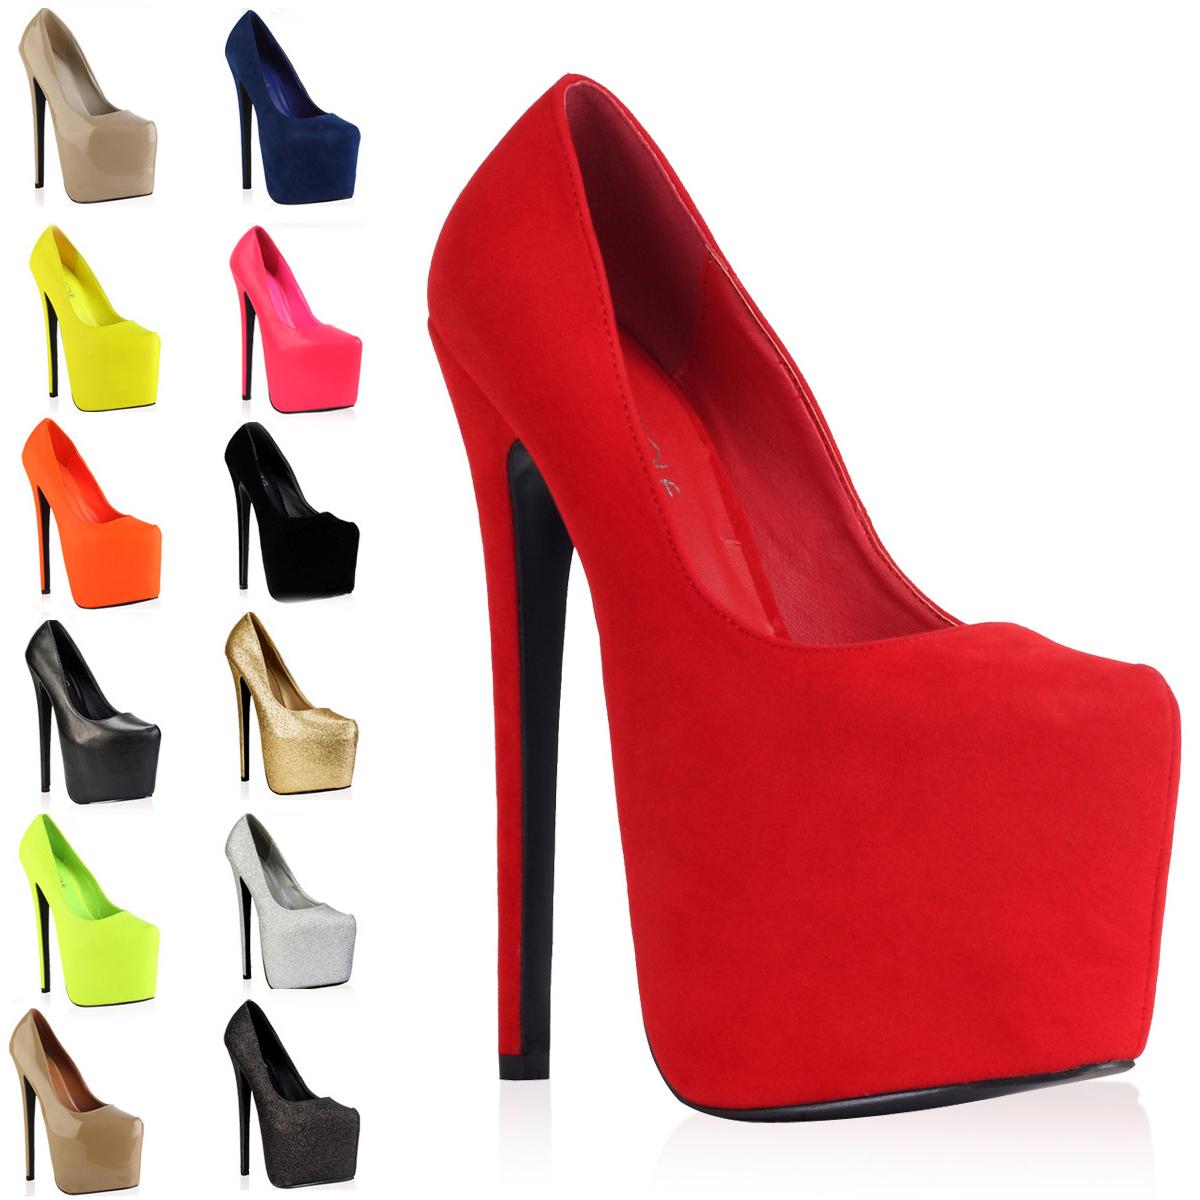 new point womens platform high heel 7 inch stiletto